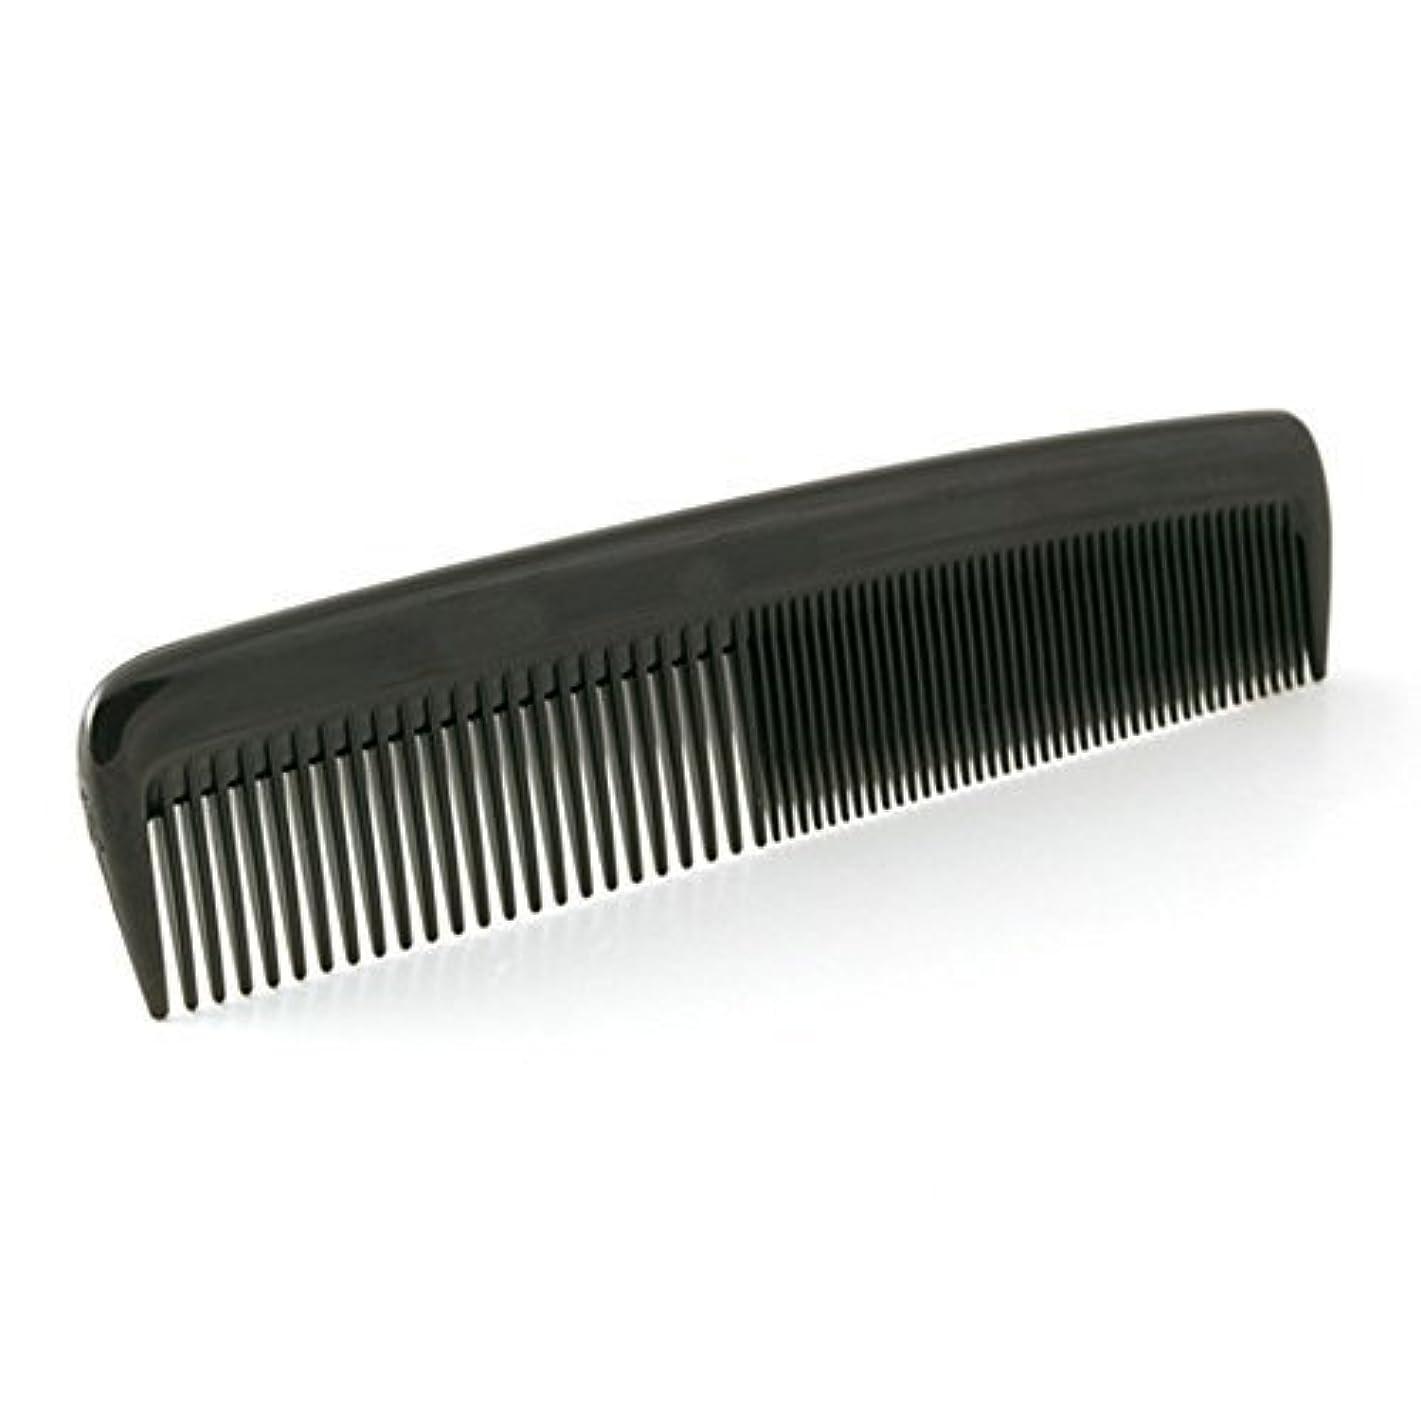 細分化するどこかバットAce Classic Pocket Hair Comb (Pack of 6) [並行輸入品]